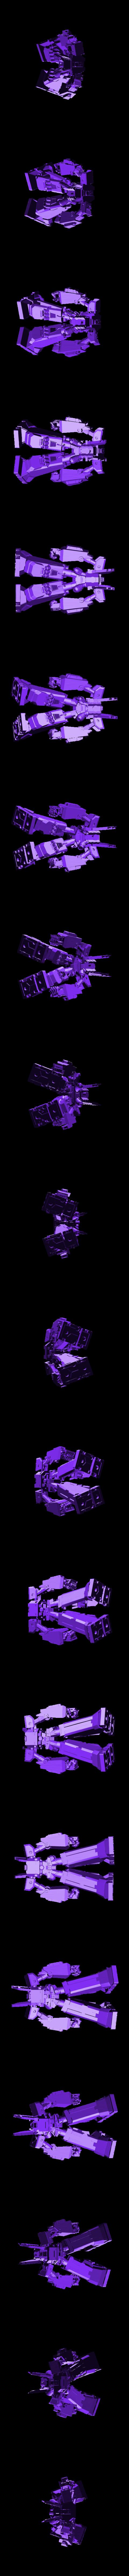 megas.stl Download free STL file Megas XLR • 3D printer template, Brandonzhun